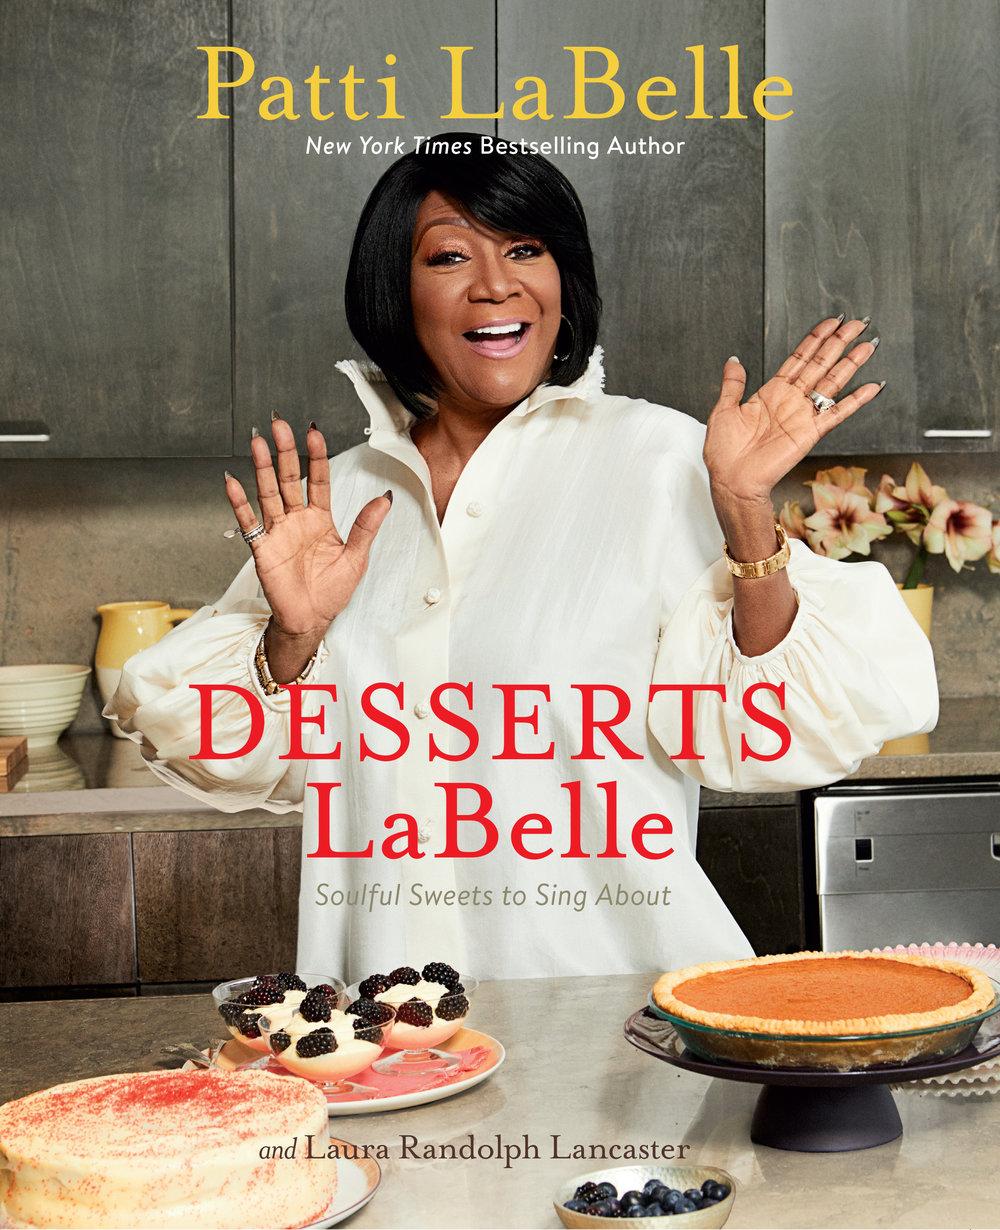 DessertsLaBelle_Jacket_F2-1.jpg